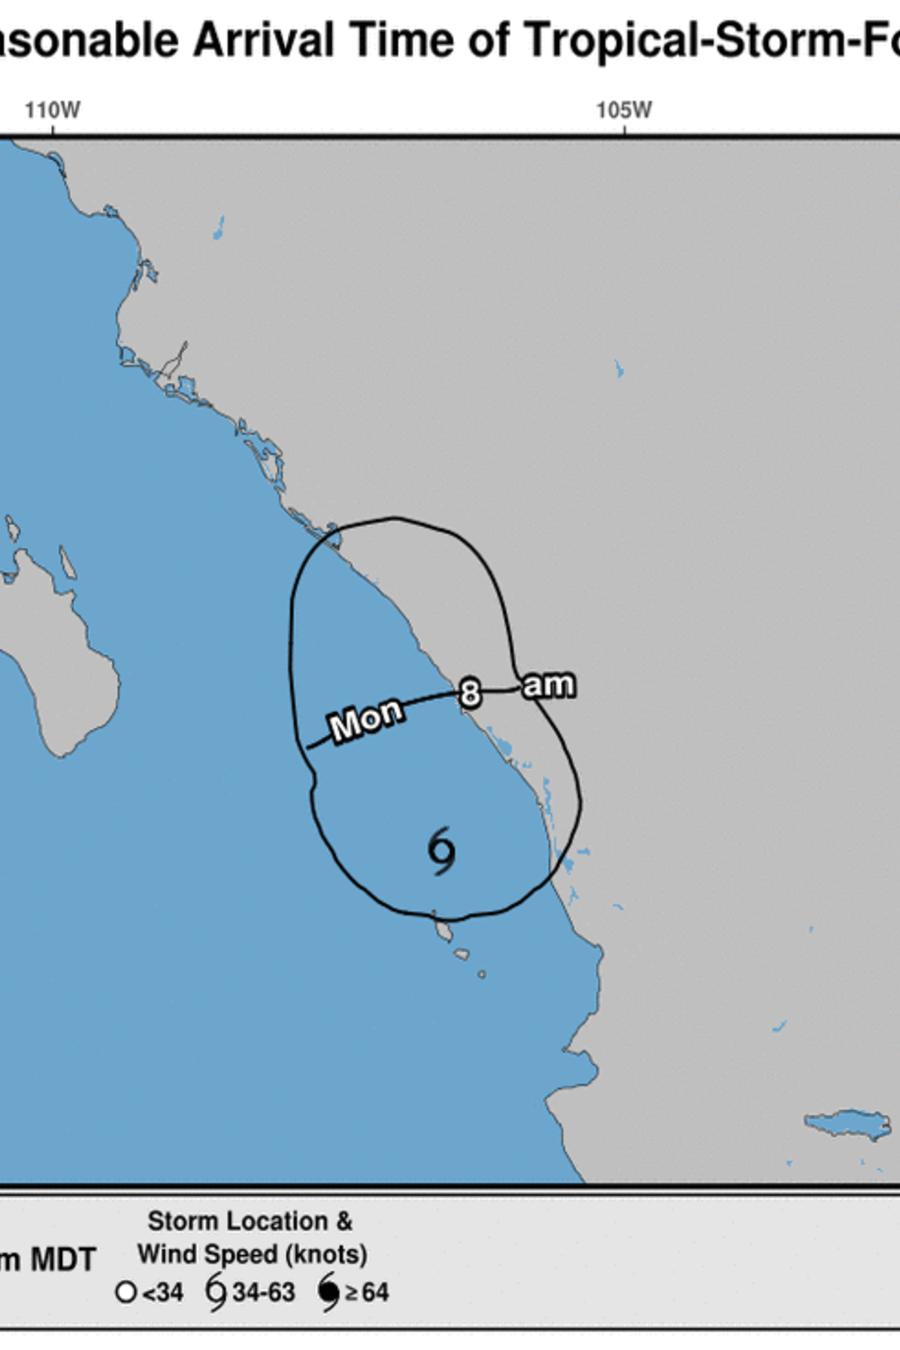 Imagen del Centro Nacional de Huracanes de Estados Unidos sobre el pronóstico de la tormenta tropical Pilar en el Pacífico mexicano.